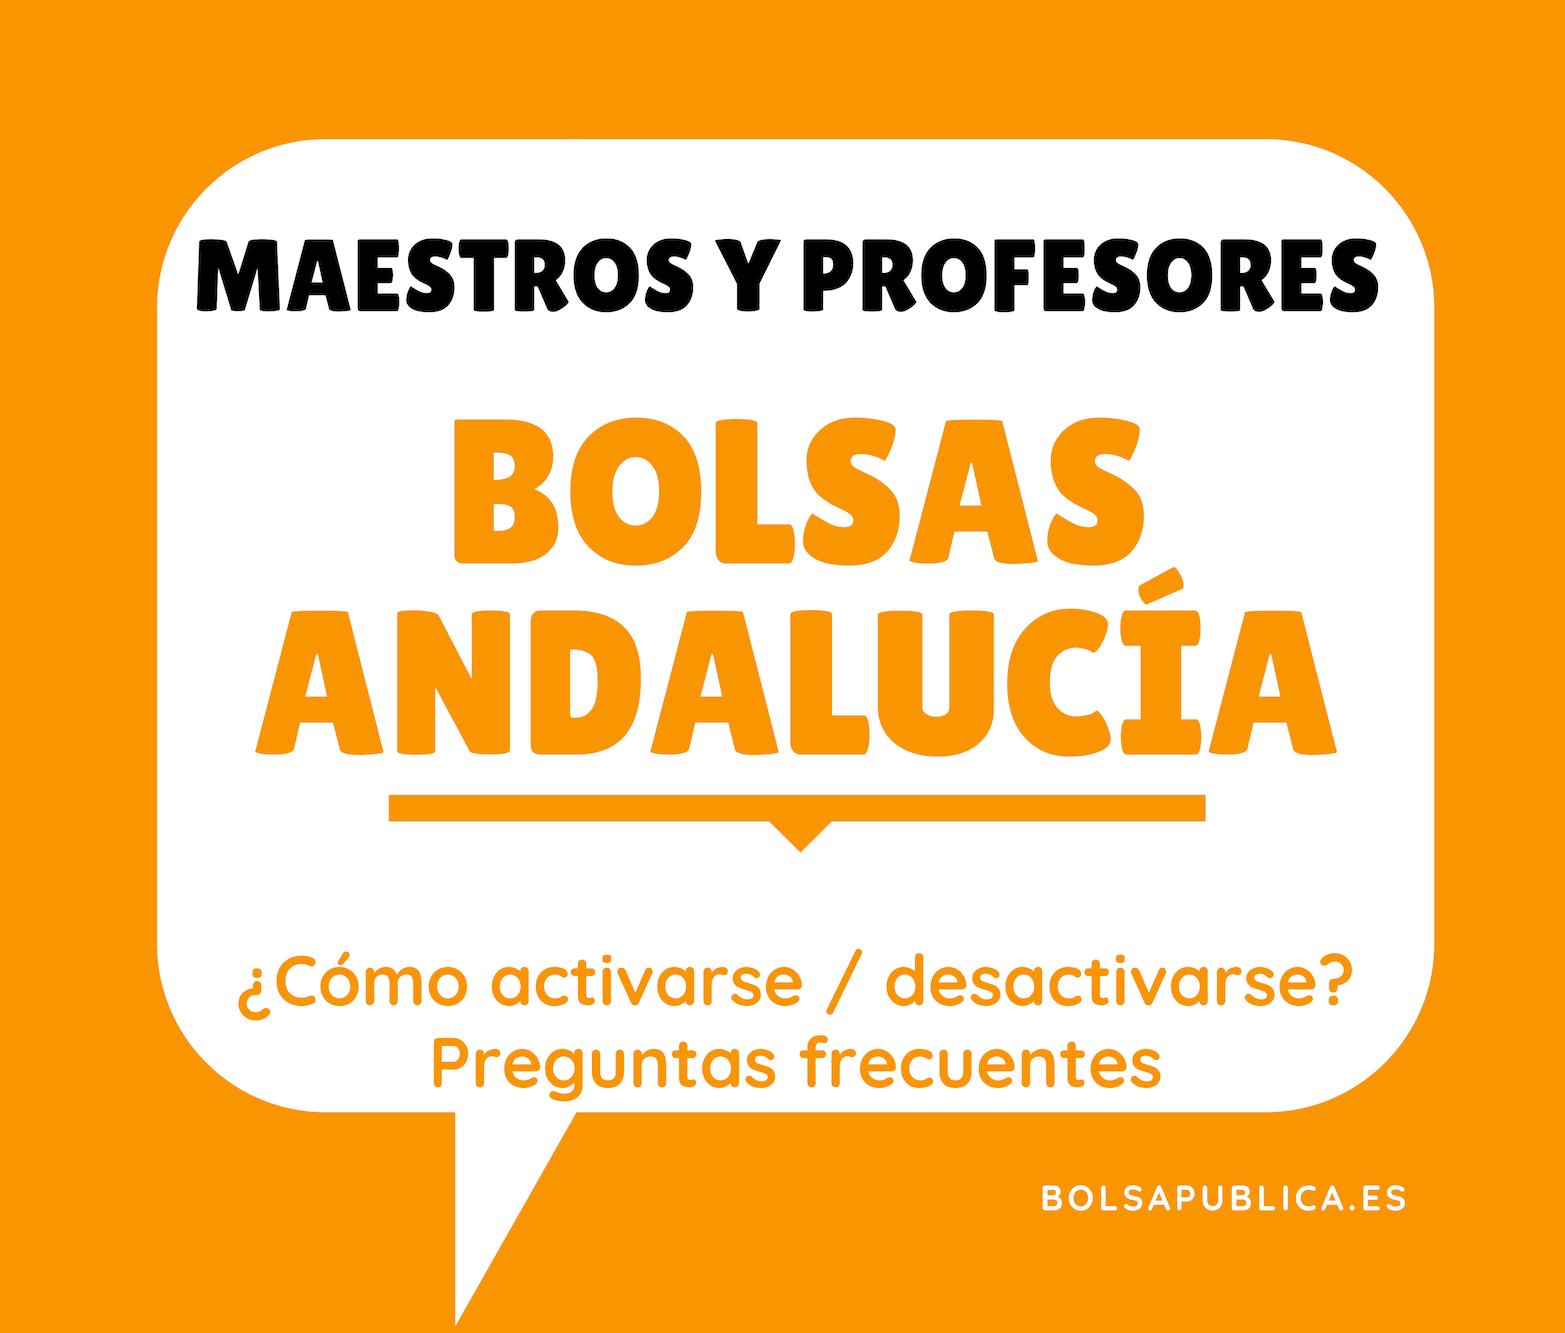 https://bolsapublica.es/desactivarse-de-las-bolsas-docentes-en-andalucia/